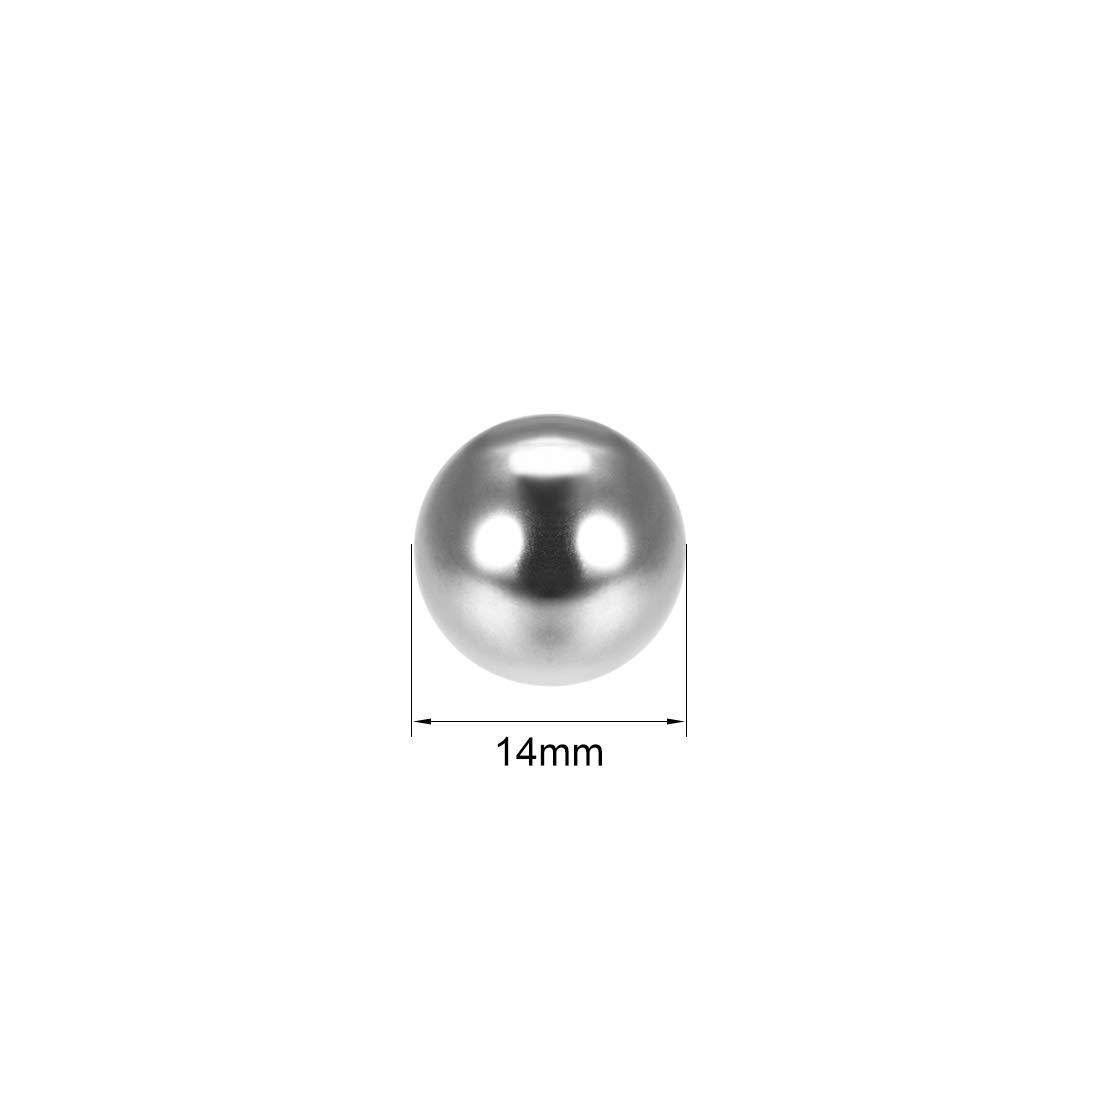 100pcs varios mm Bolas de rodamiento de acero cromado de precisi/ón 1mm Sourcingmap G25